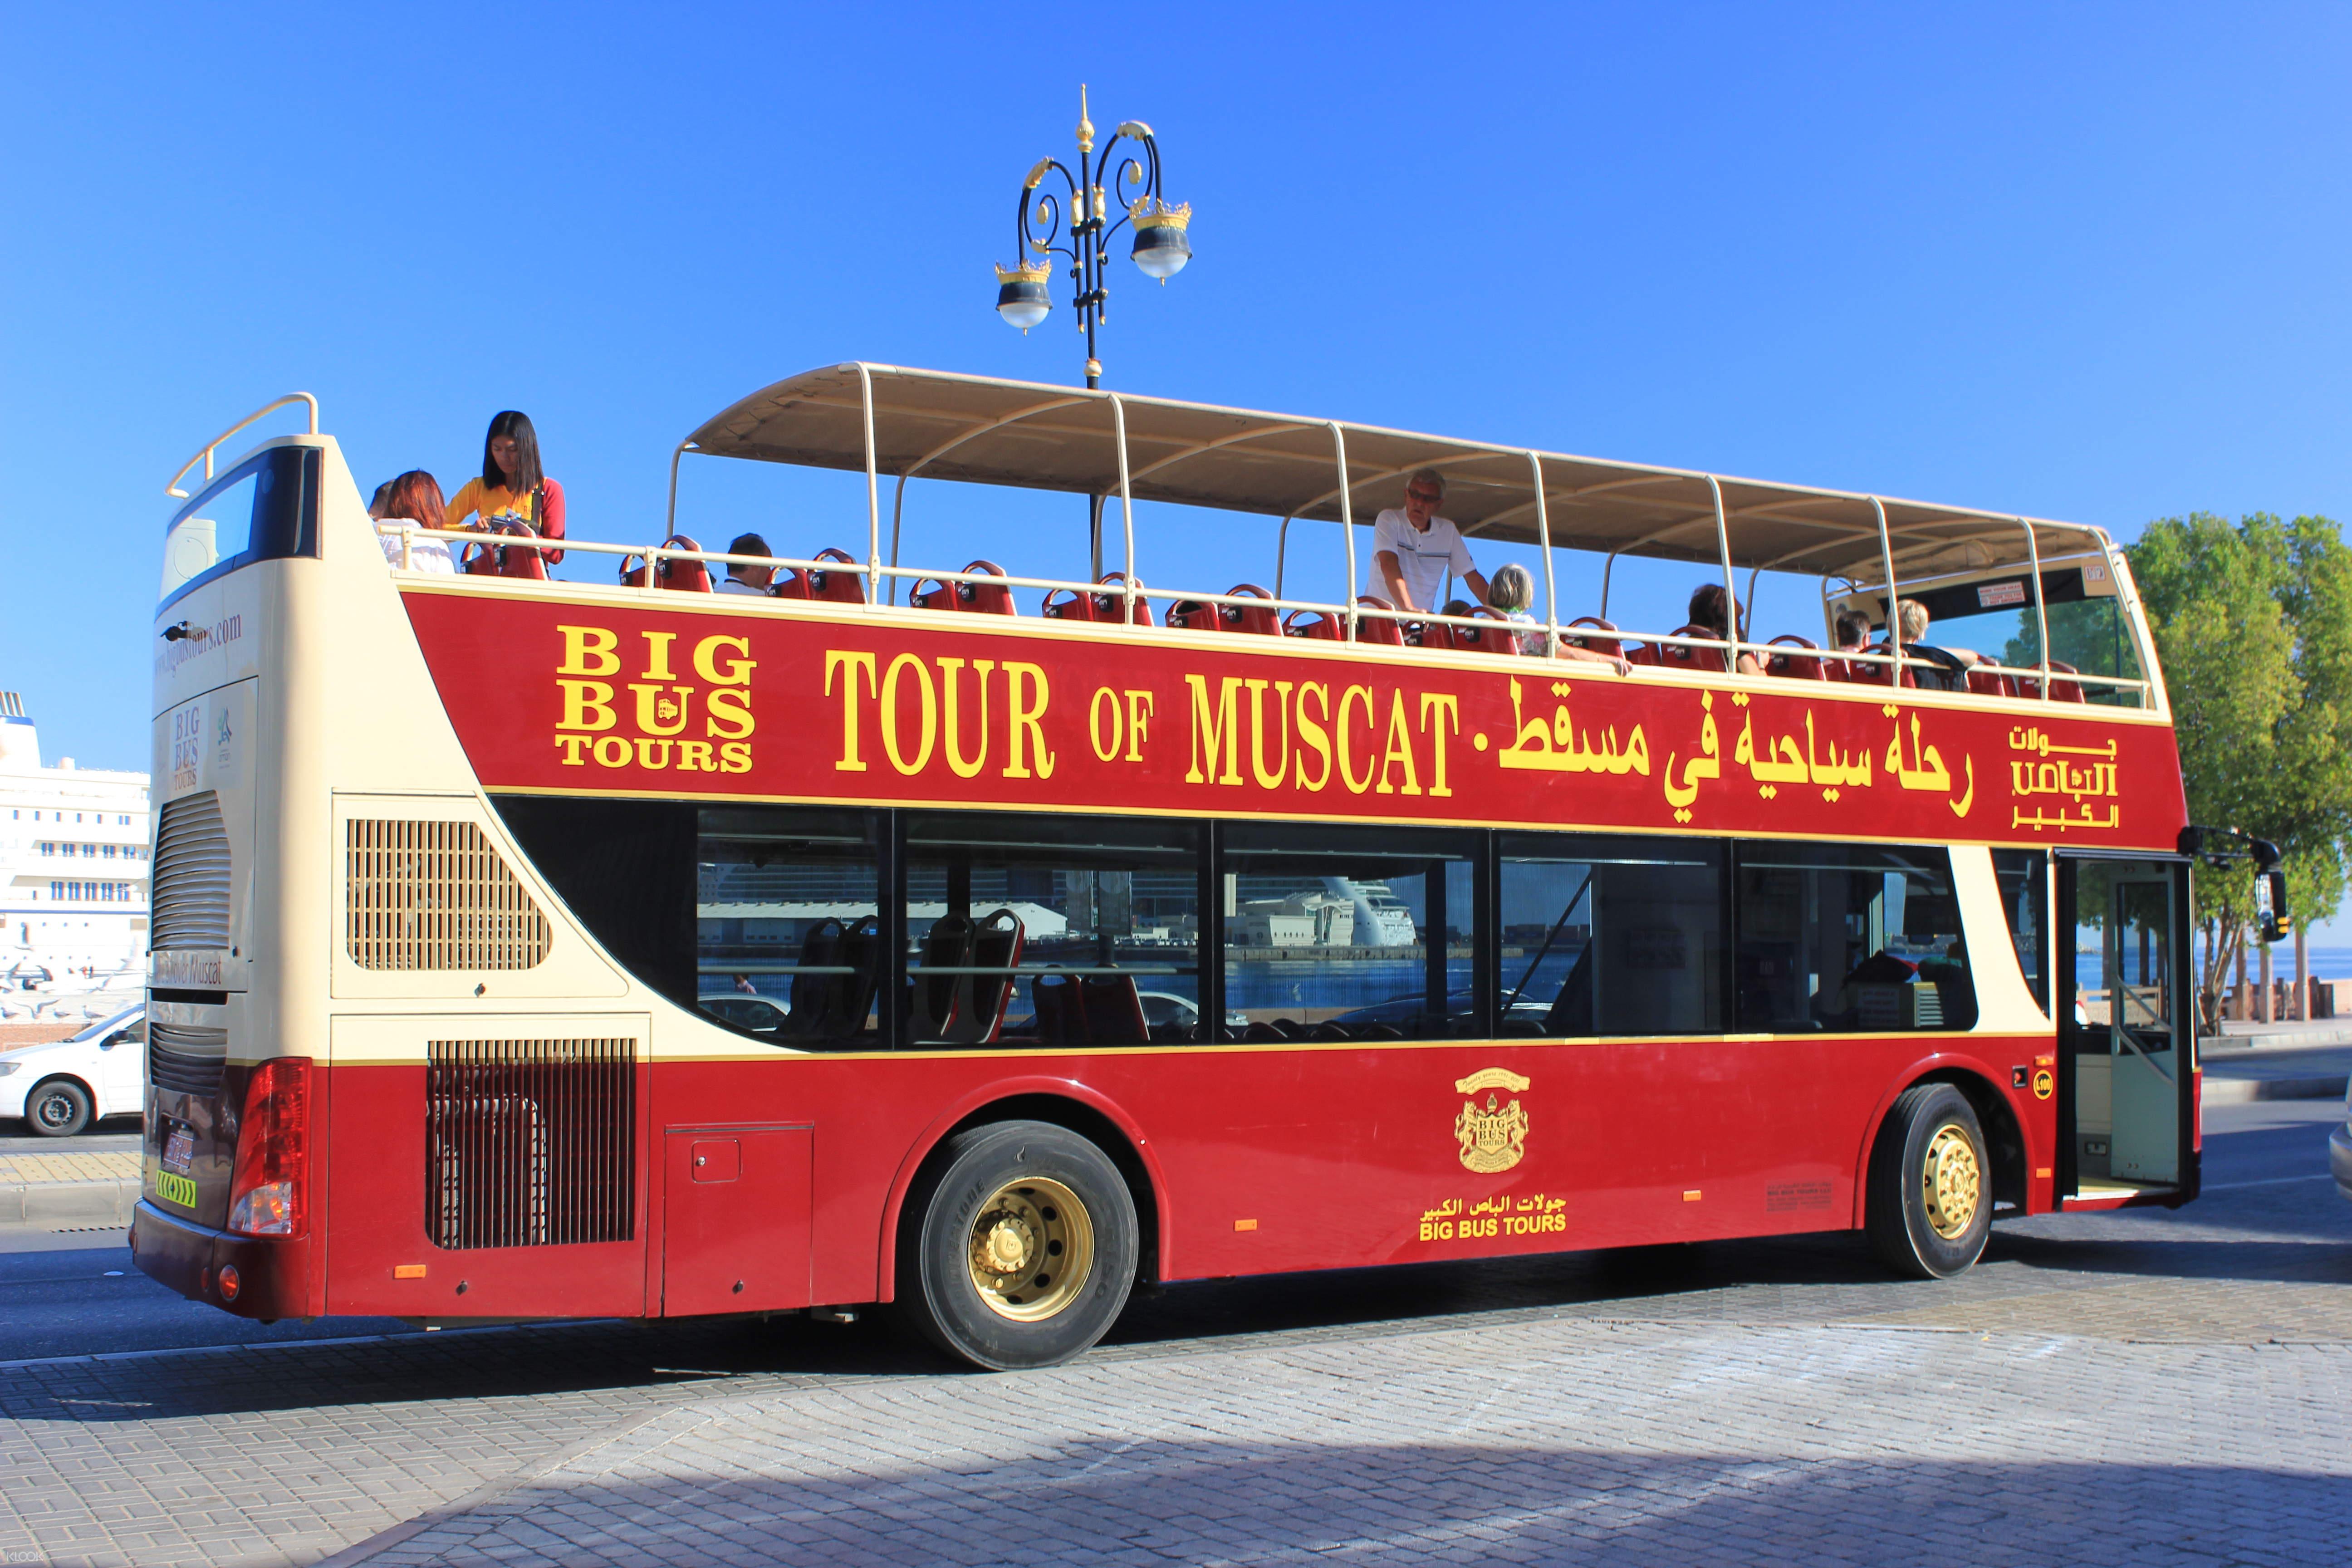 Big Bus Tour Route Muscat